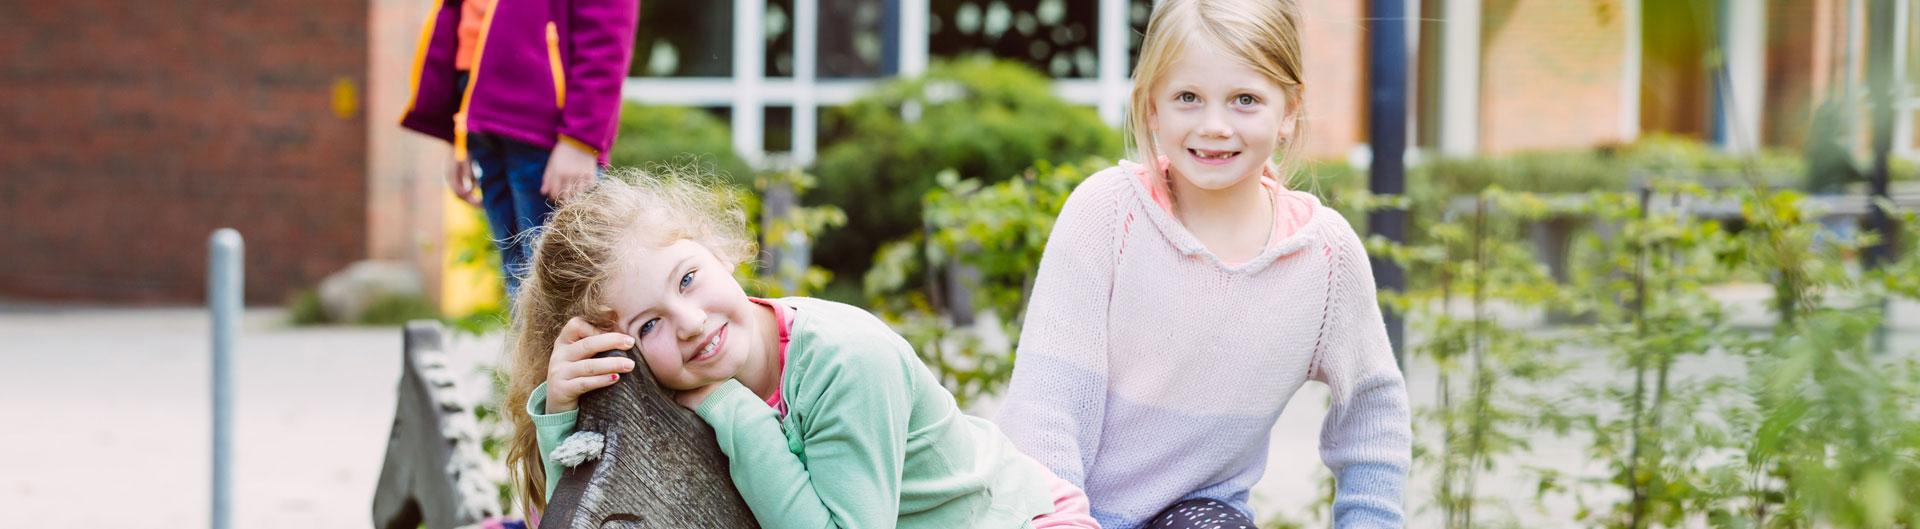 Zwei Mädchen spielen auf dem Schulhof